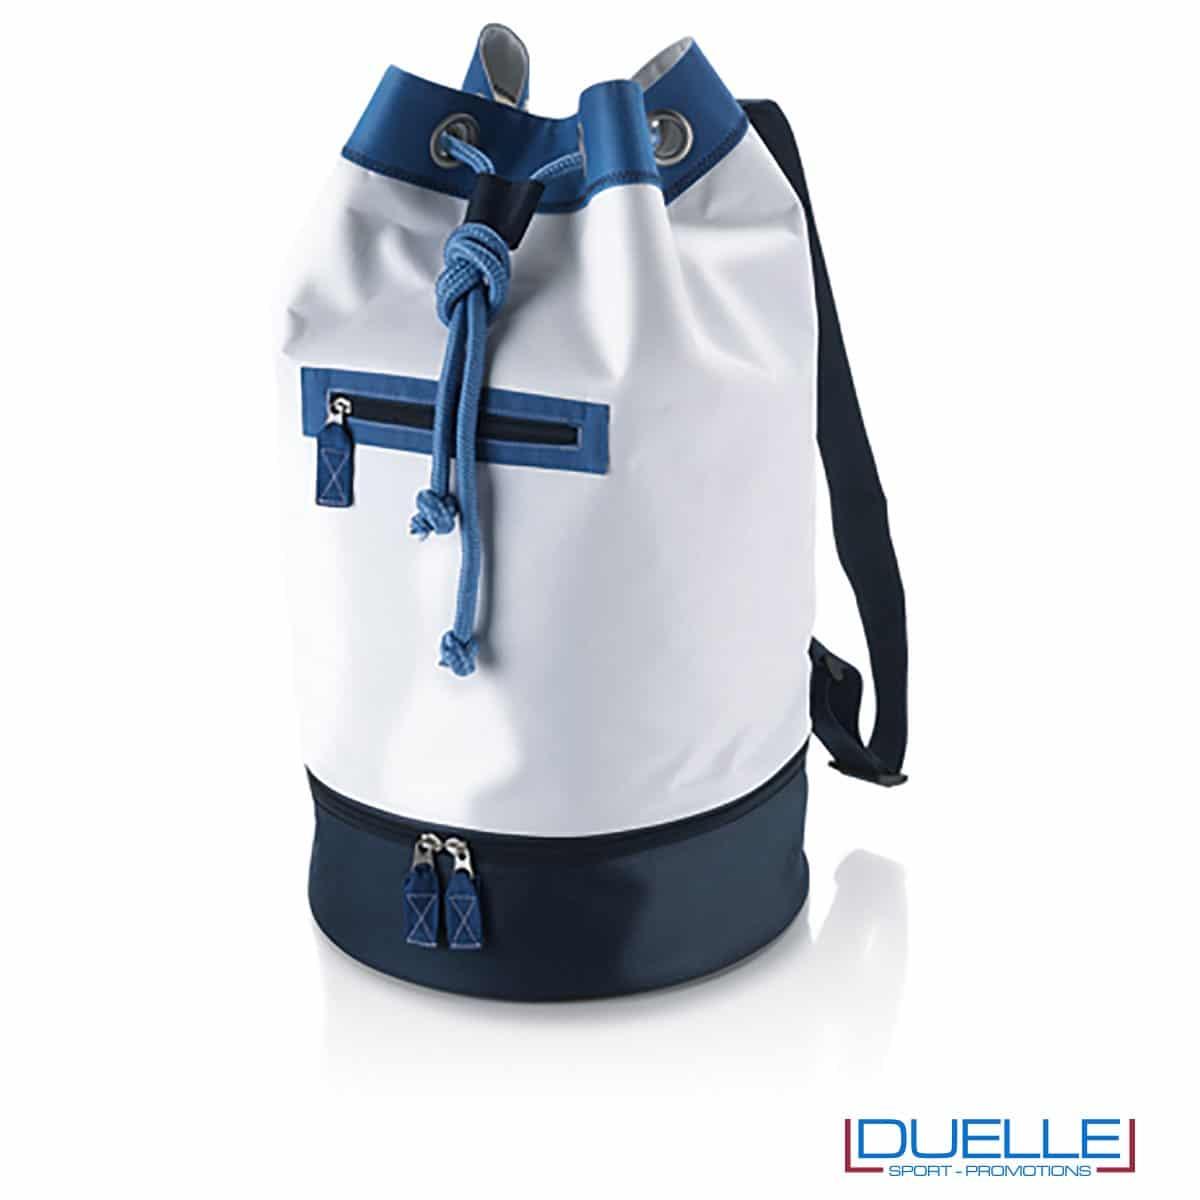 sacche mare personalizzate bianca e blu, zaini mare personalizzabili